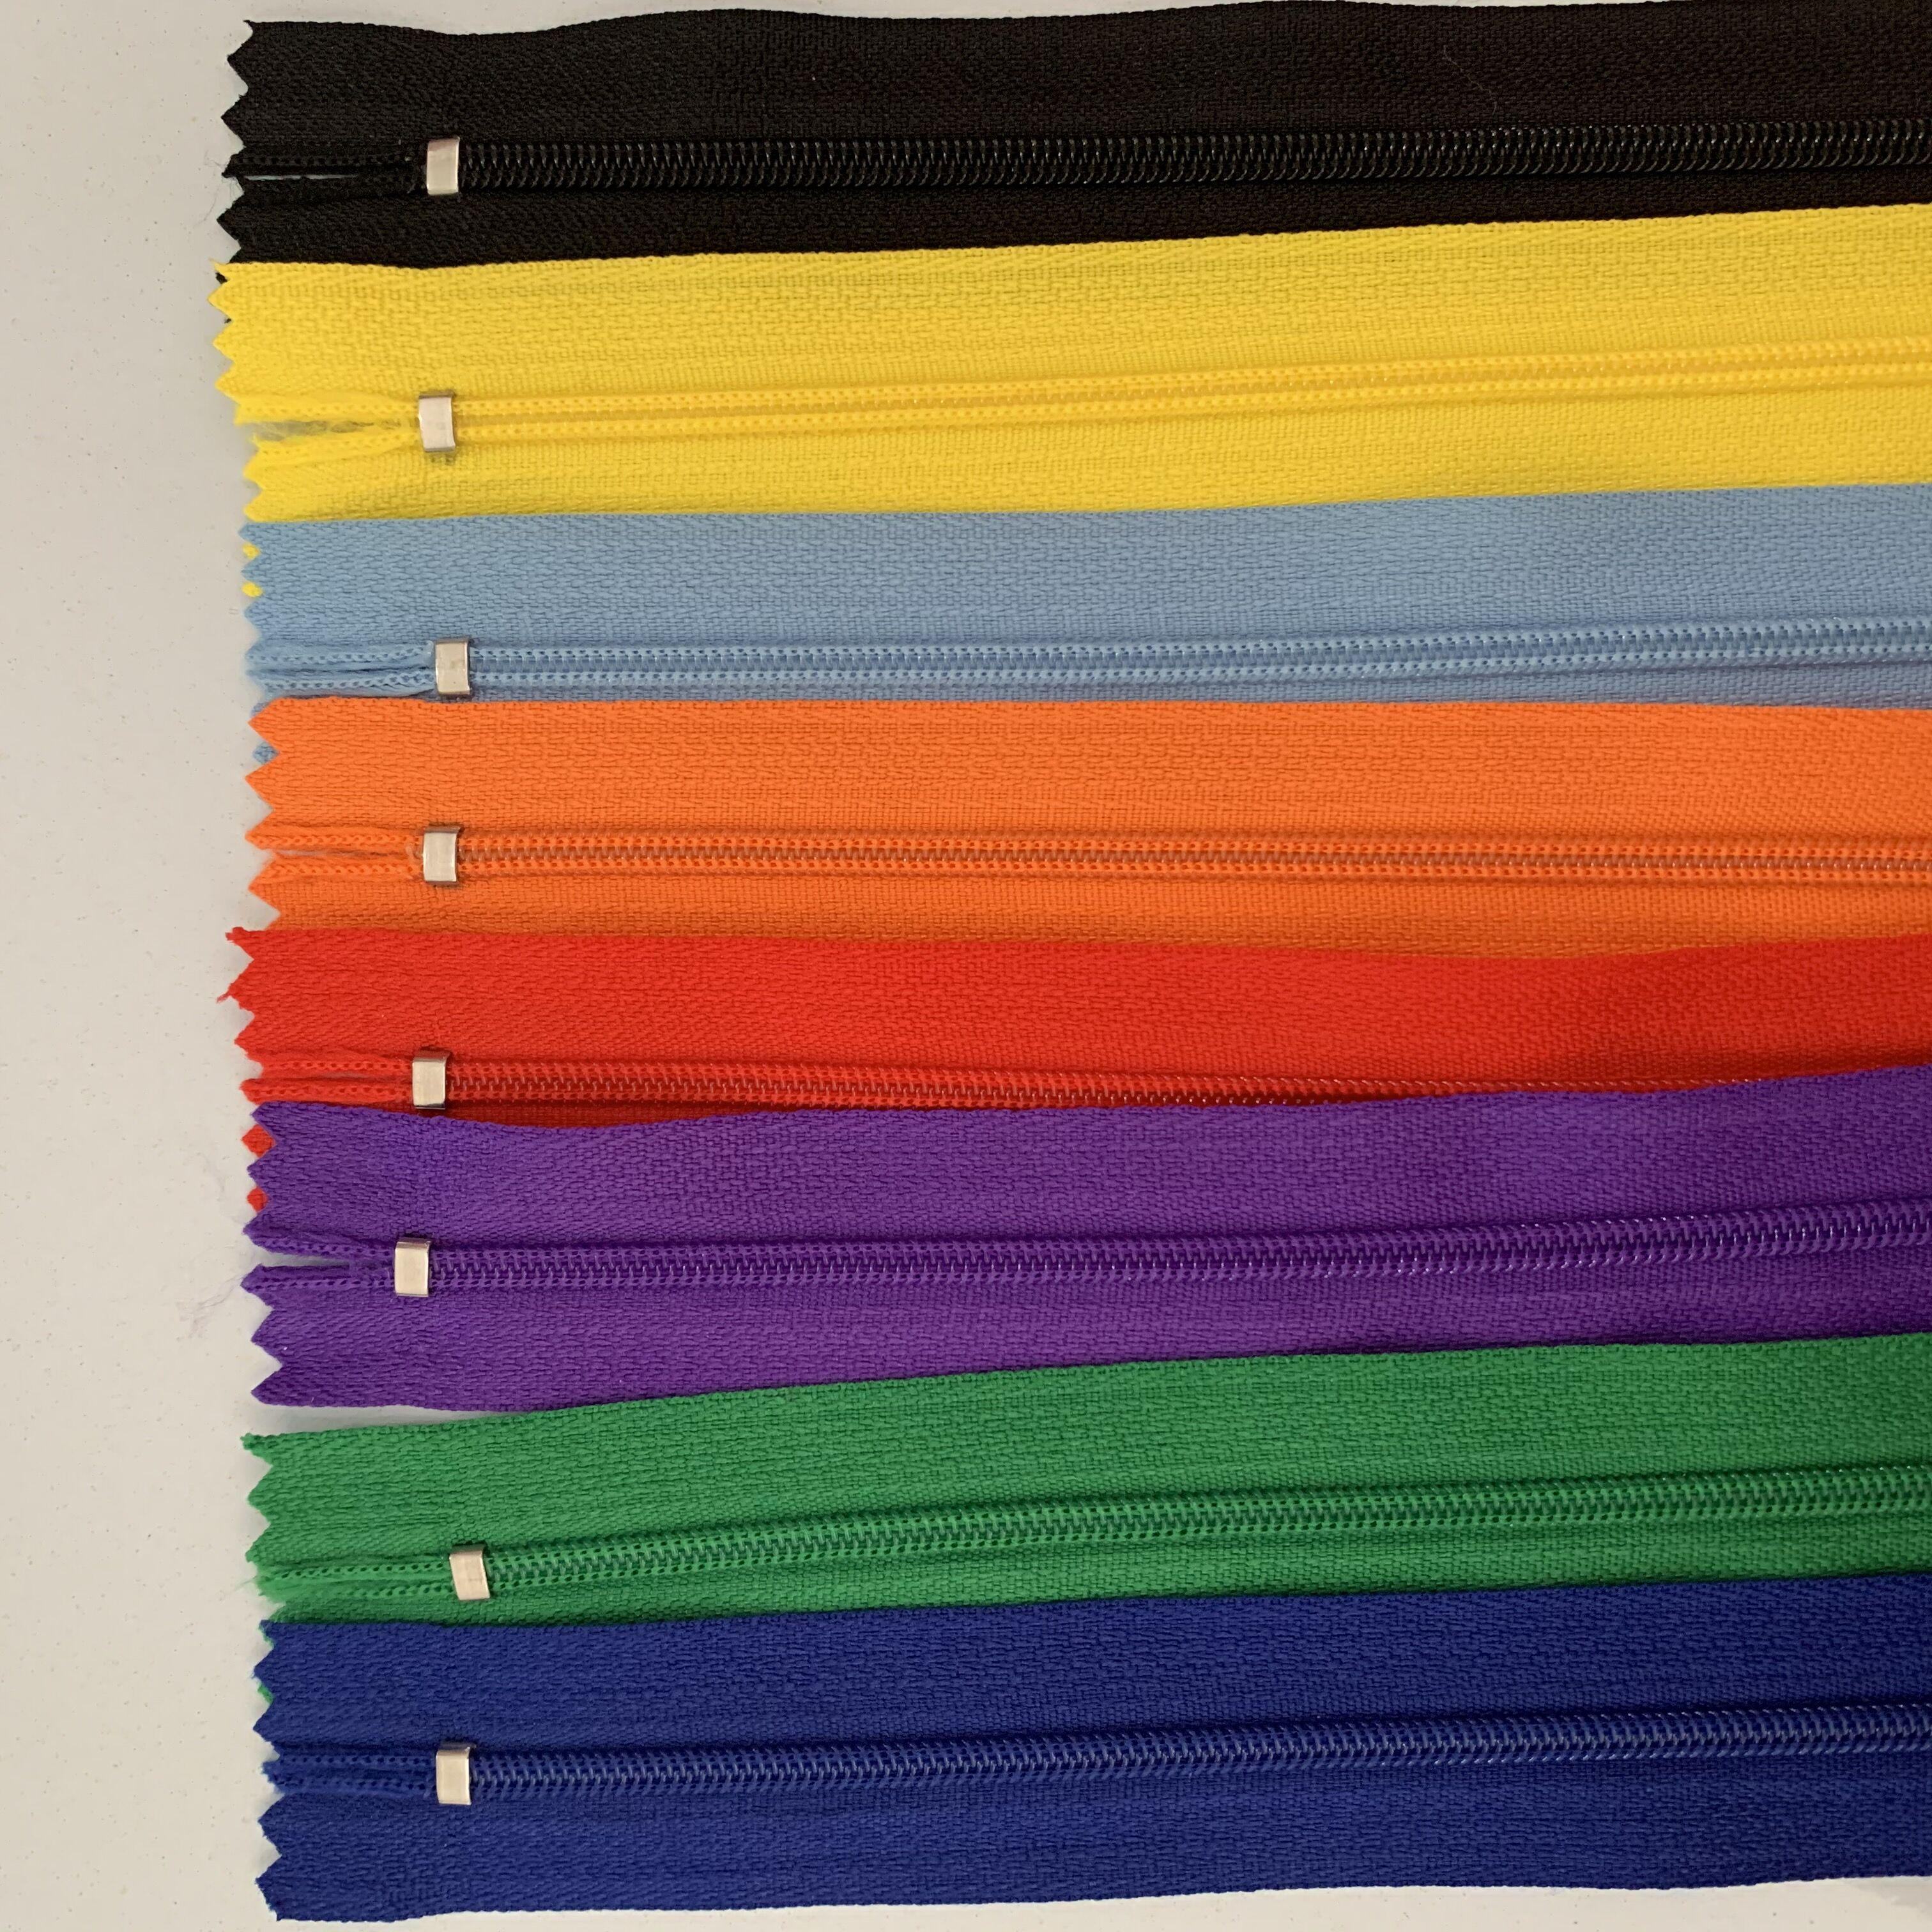 20шт (4-12 дюймов) 10-30 см нейлон катушки молнии Портной канализационные ремесло Крафтер (20 цвета)